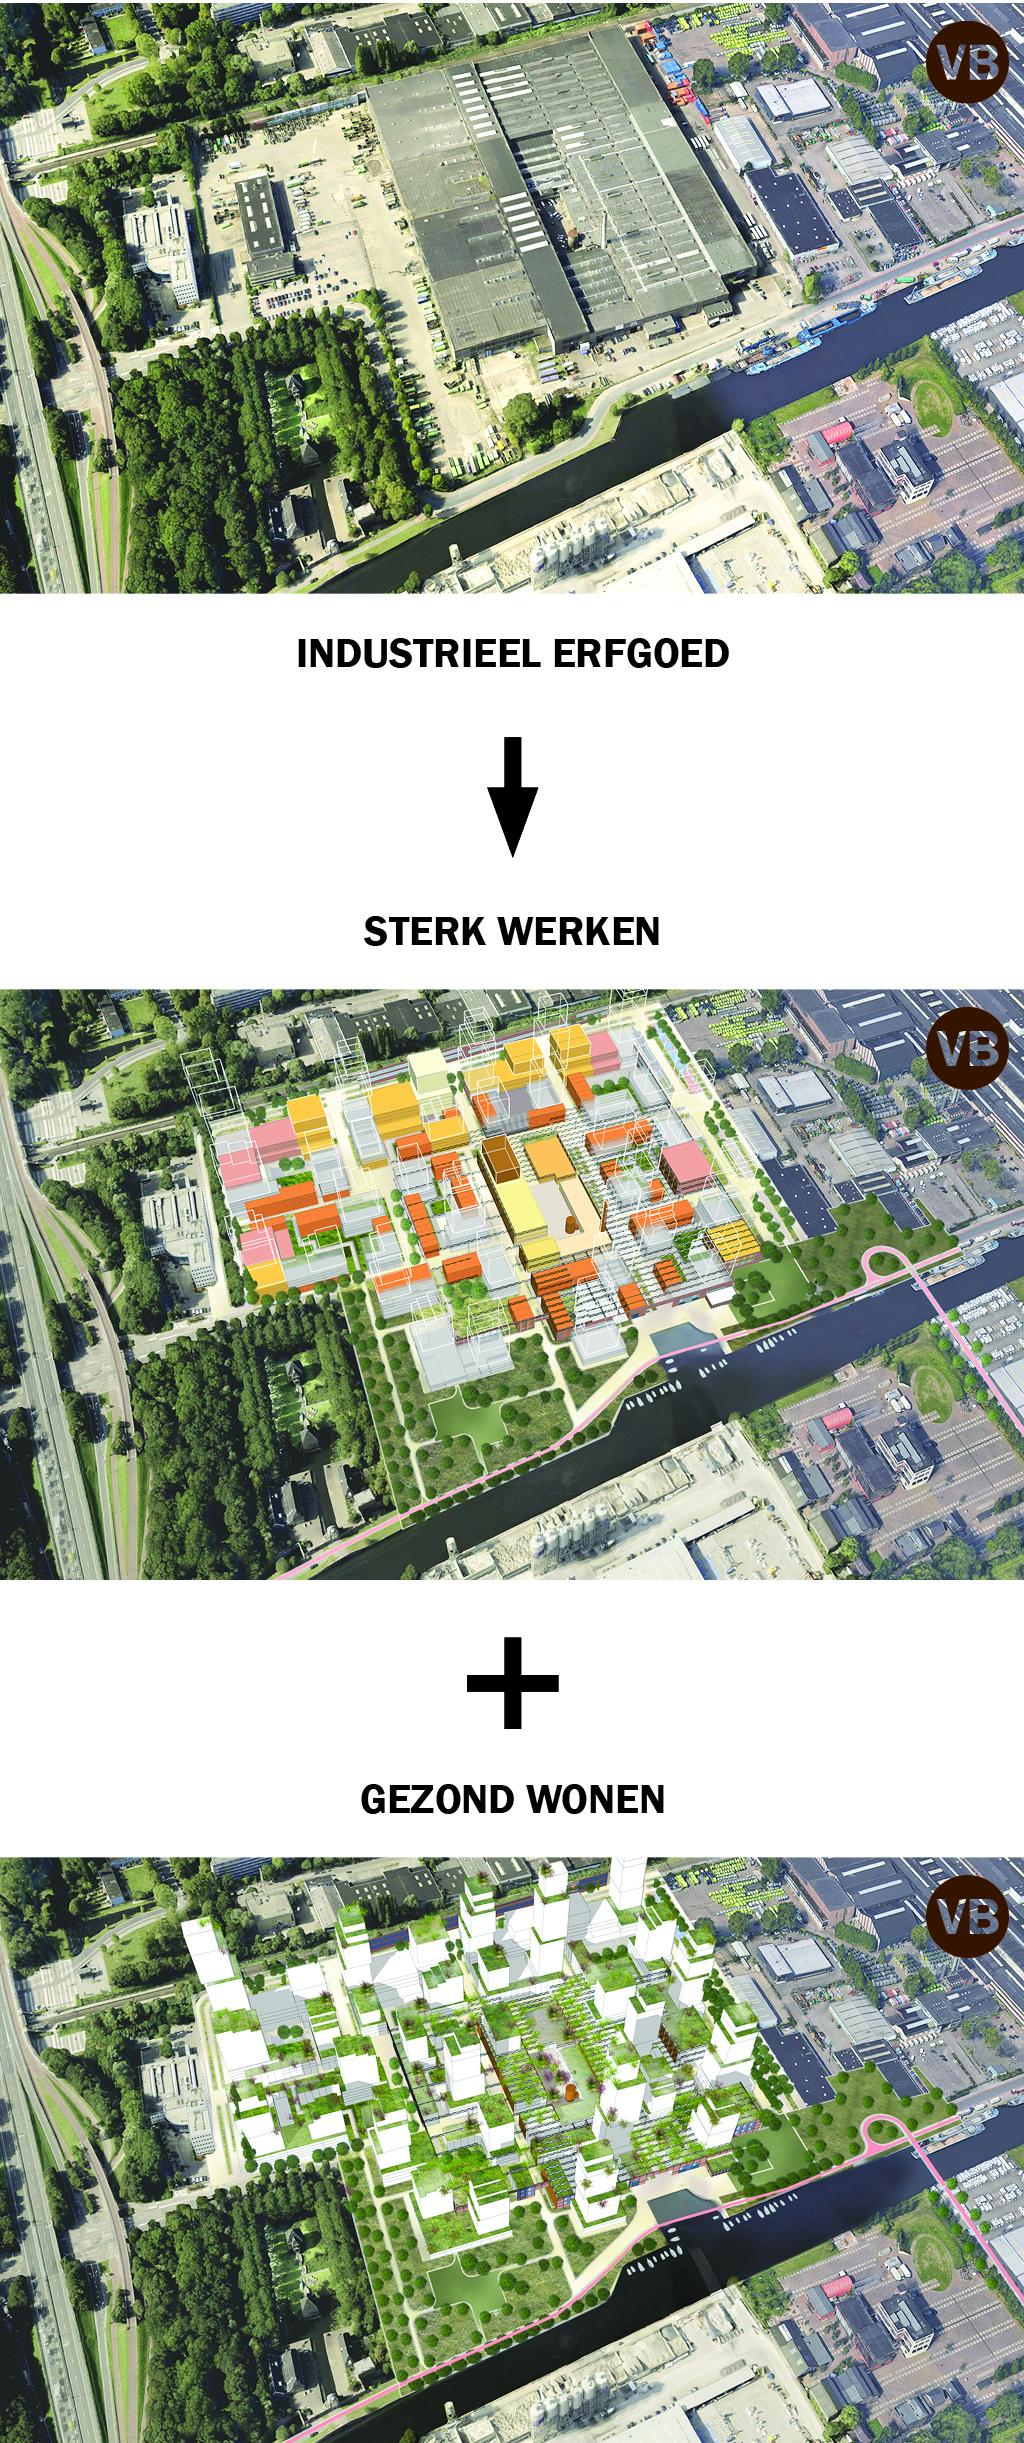 <p>Stedenbouwkundige voorbeelduitwerking van opbouw en menging</p>